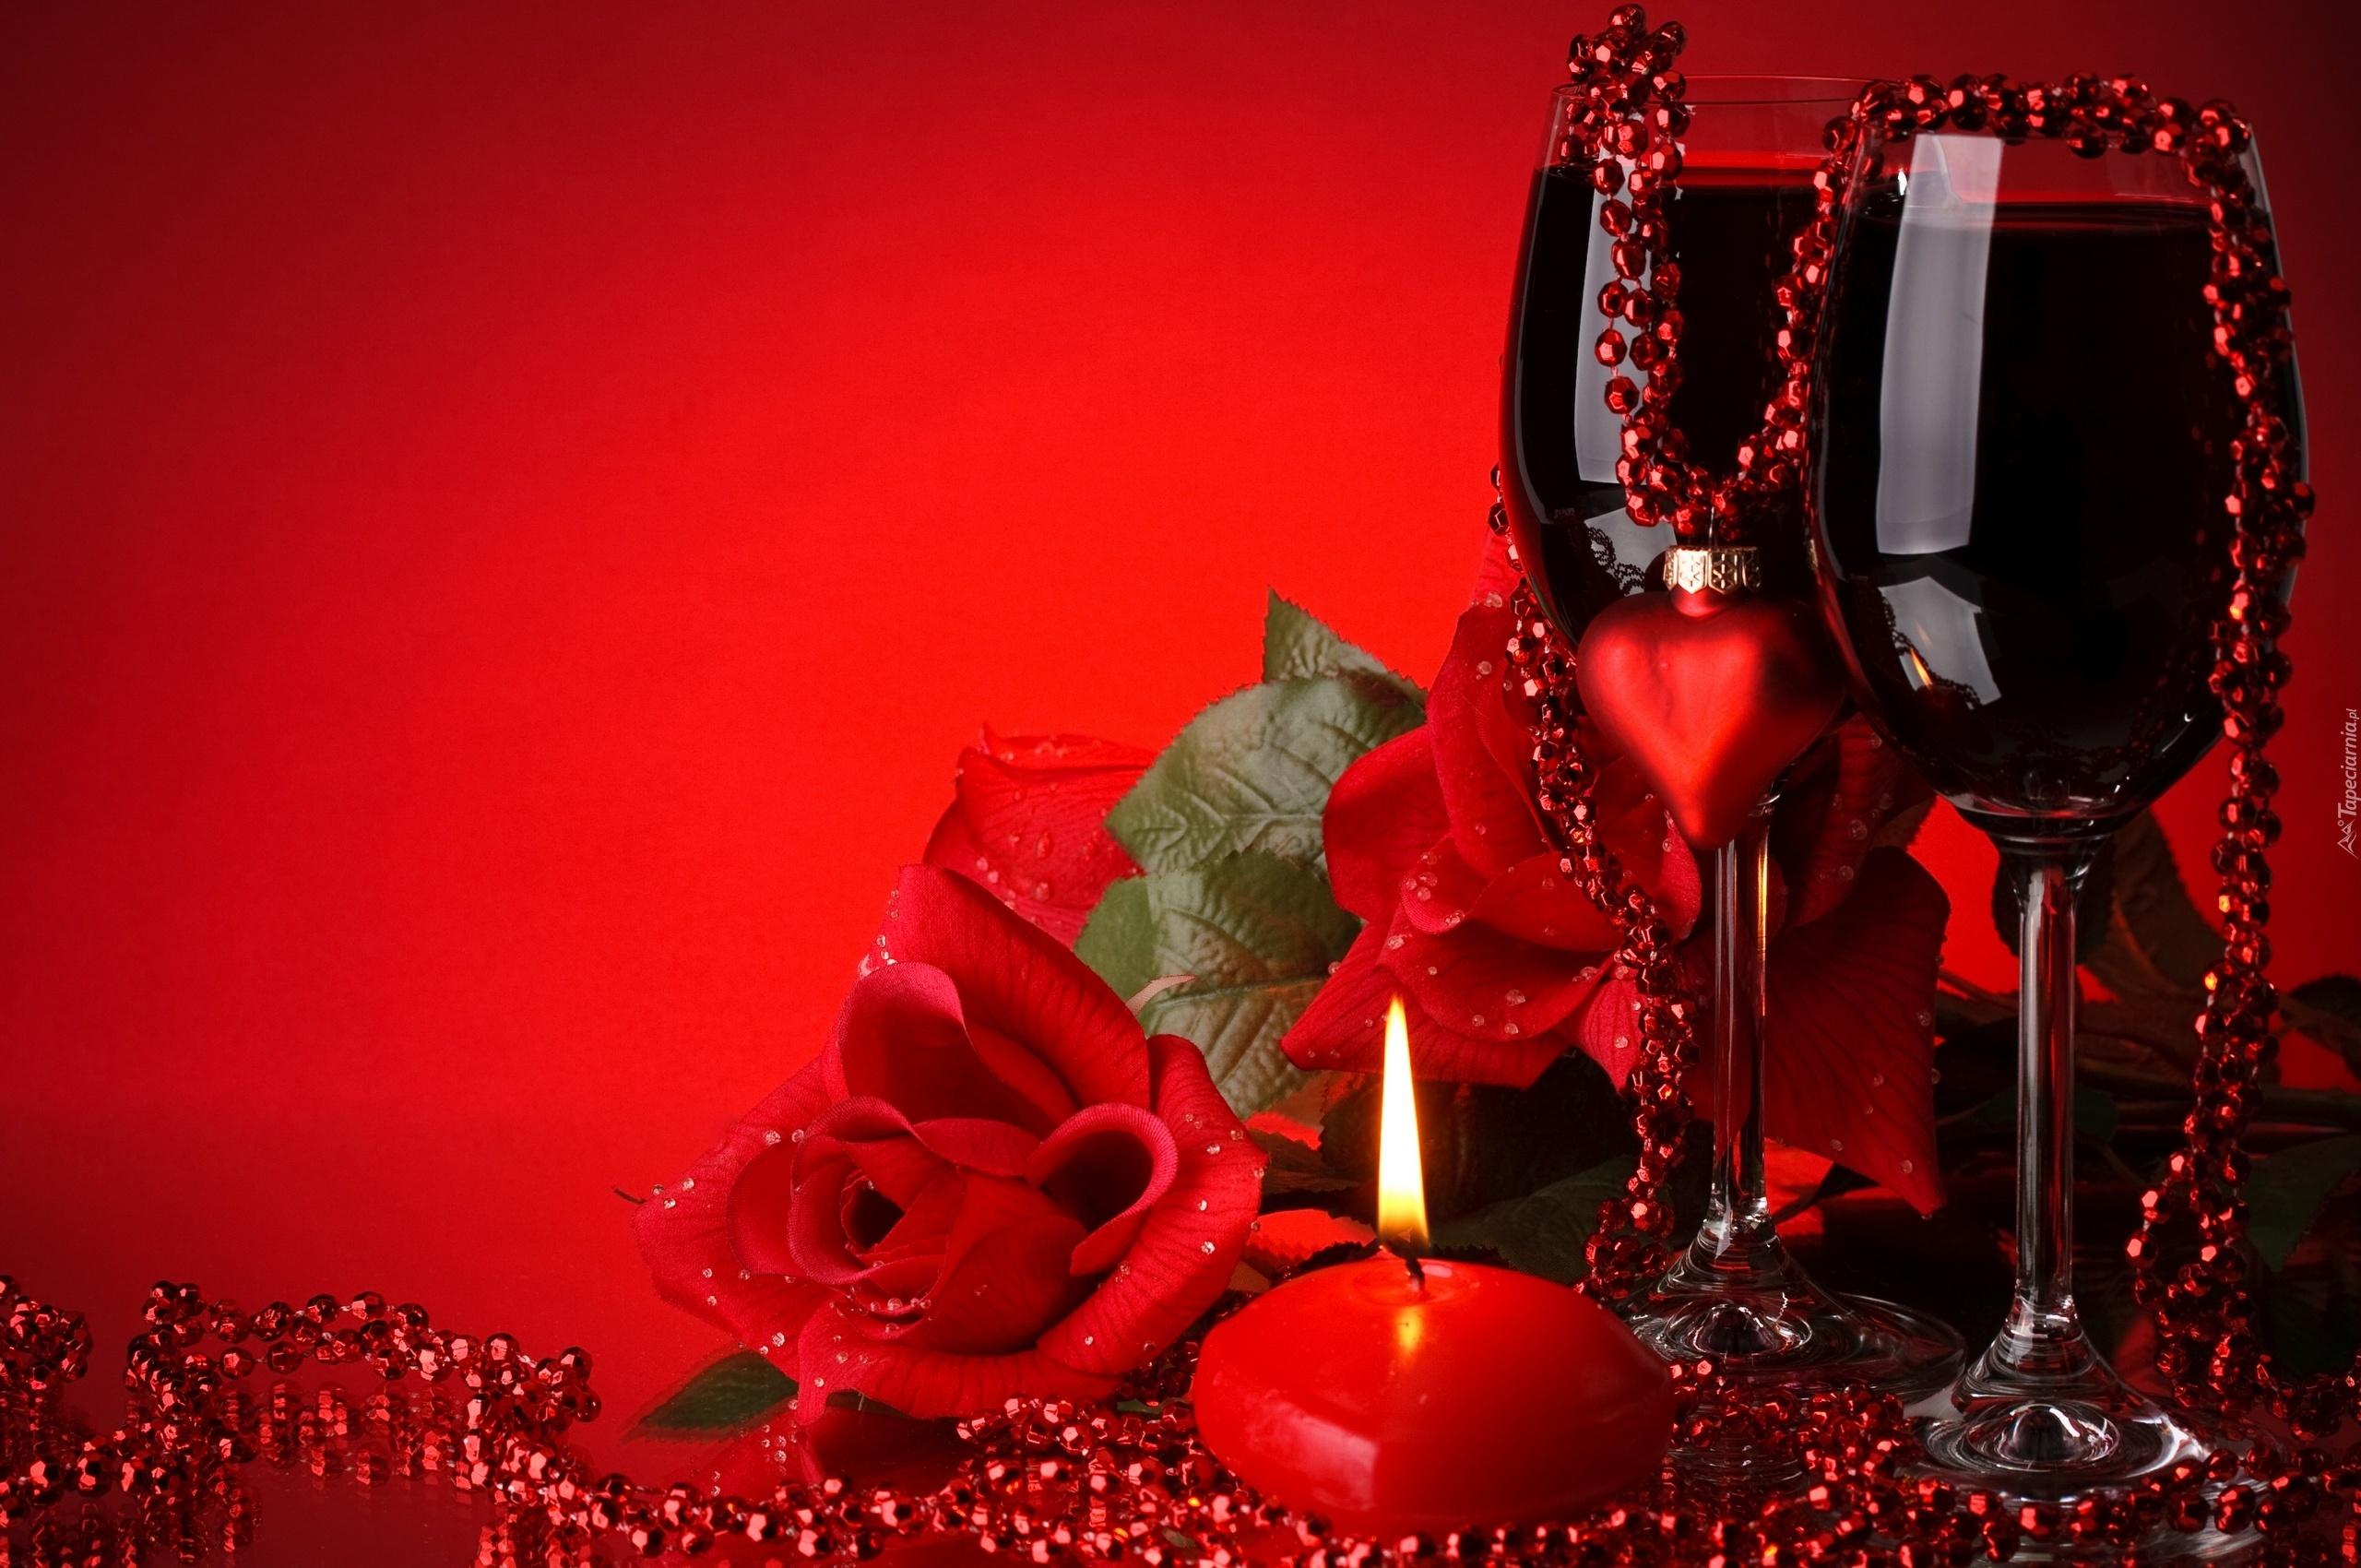 С днем рождения любимая картинки романтичные с надписями девушке